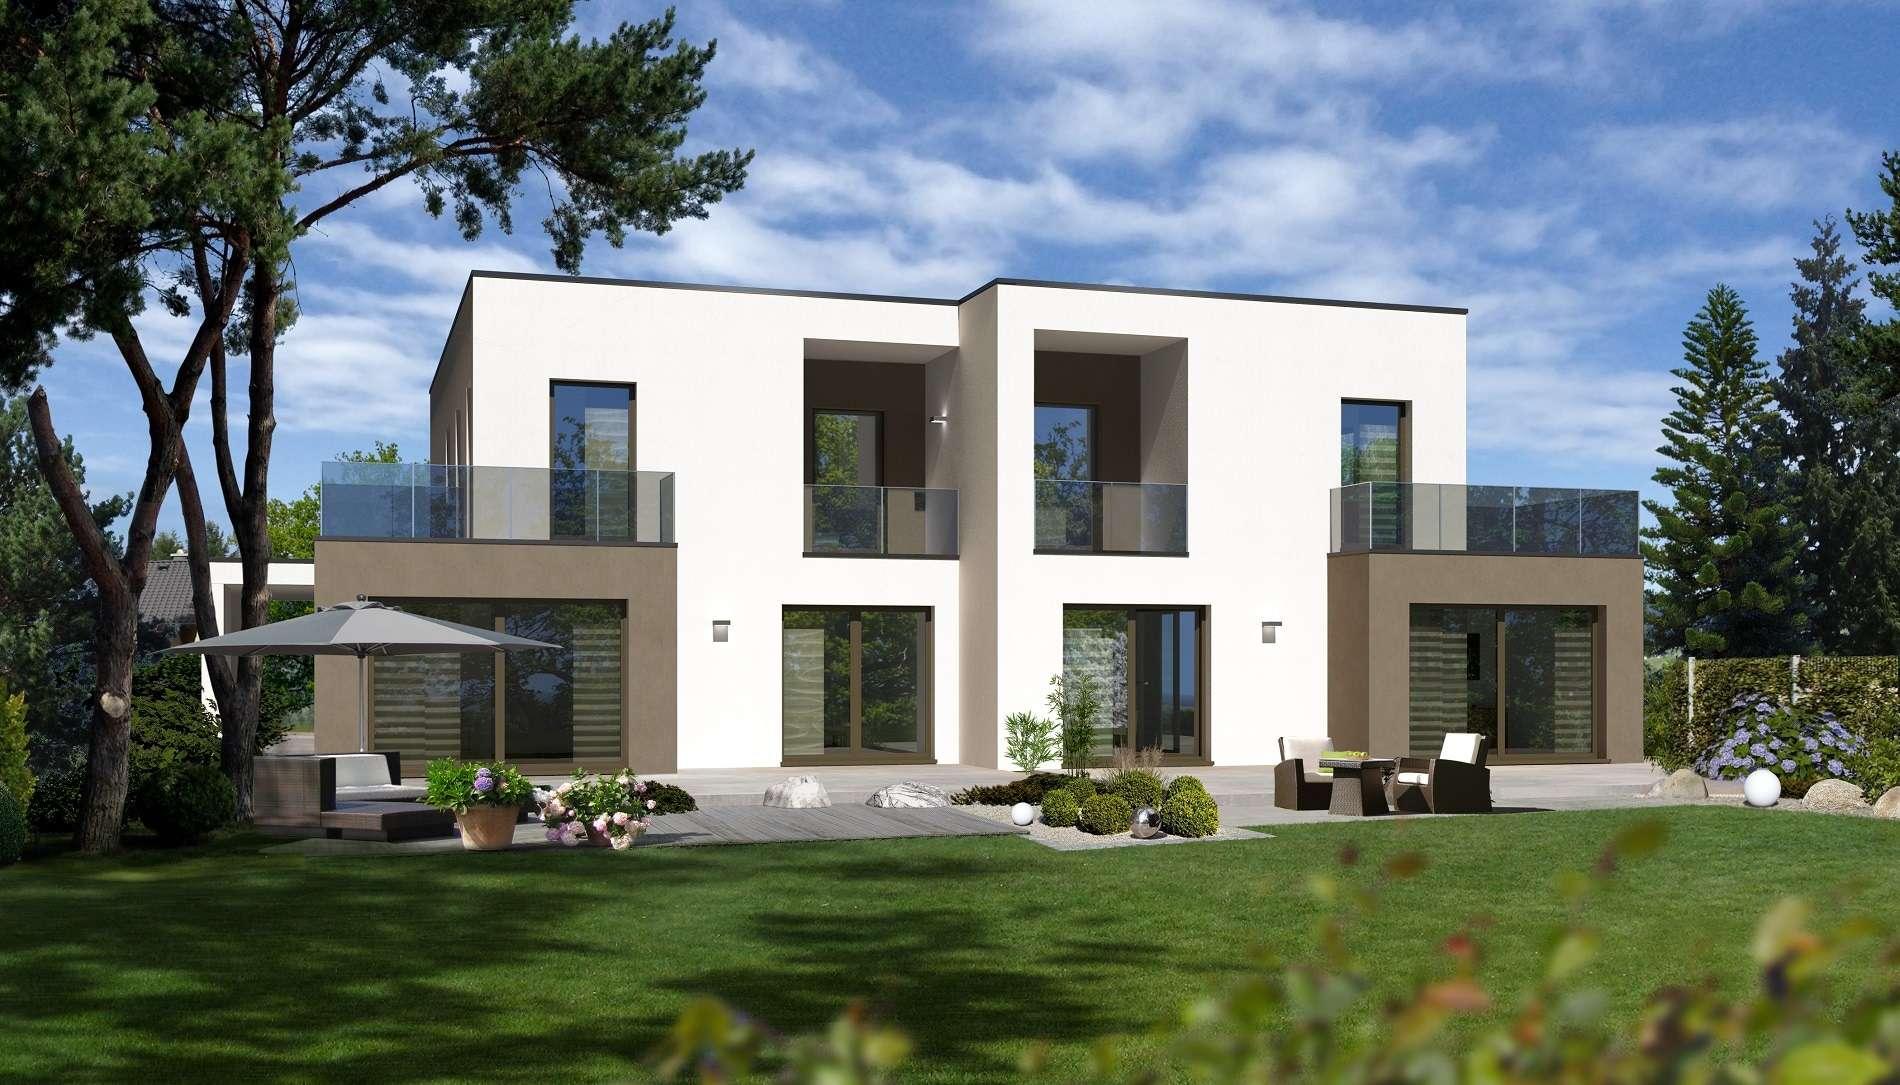 Doppelhaus t r an t r mit freunden for Raumgestaltung dresden